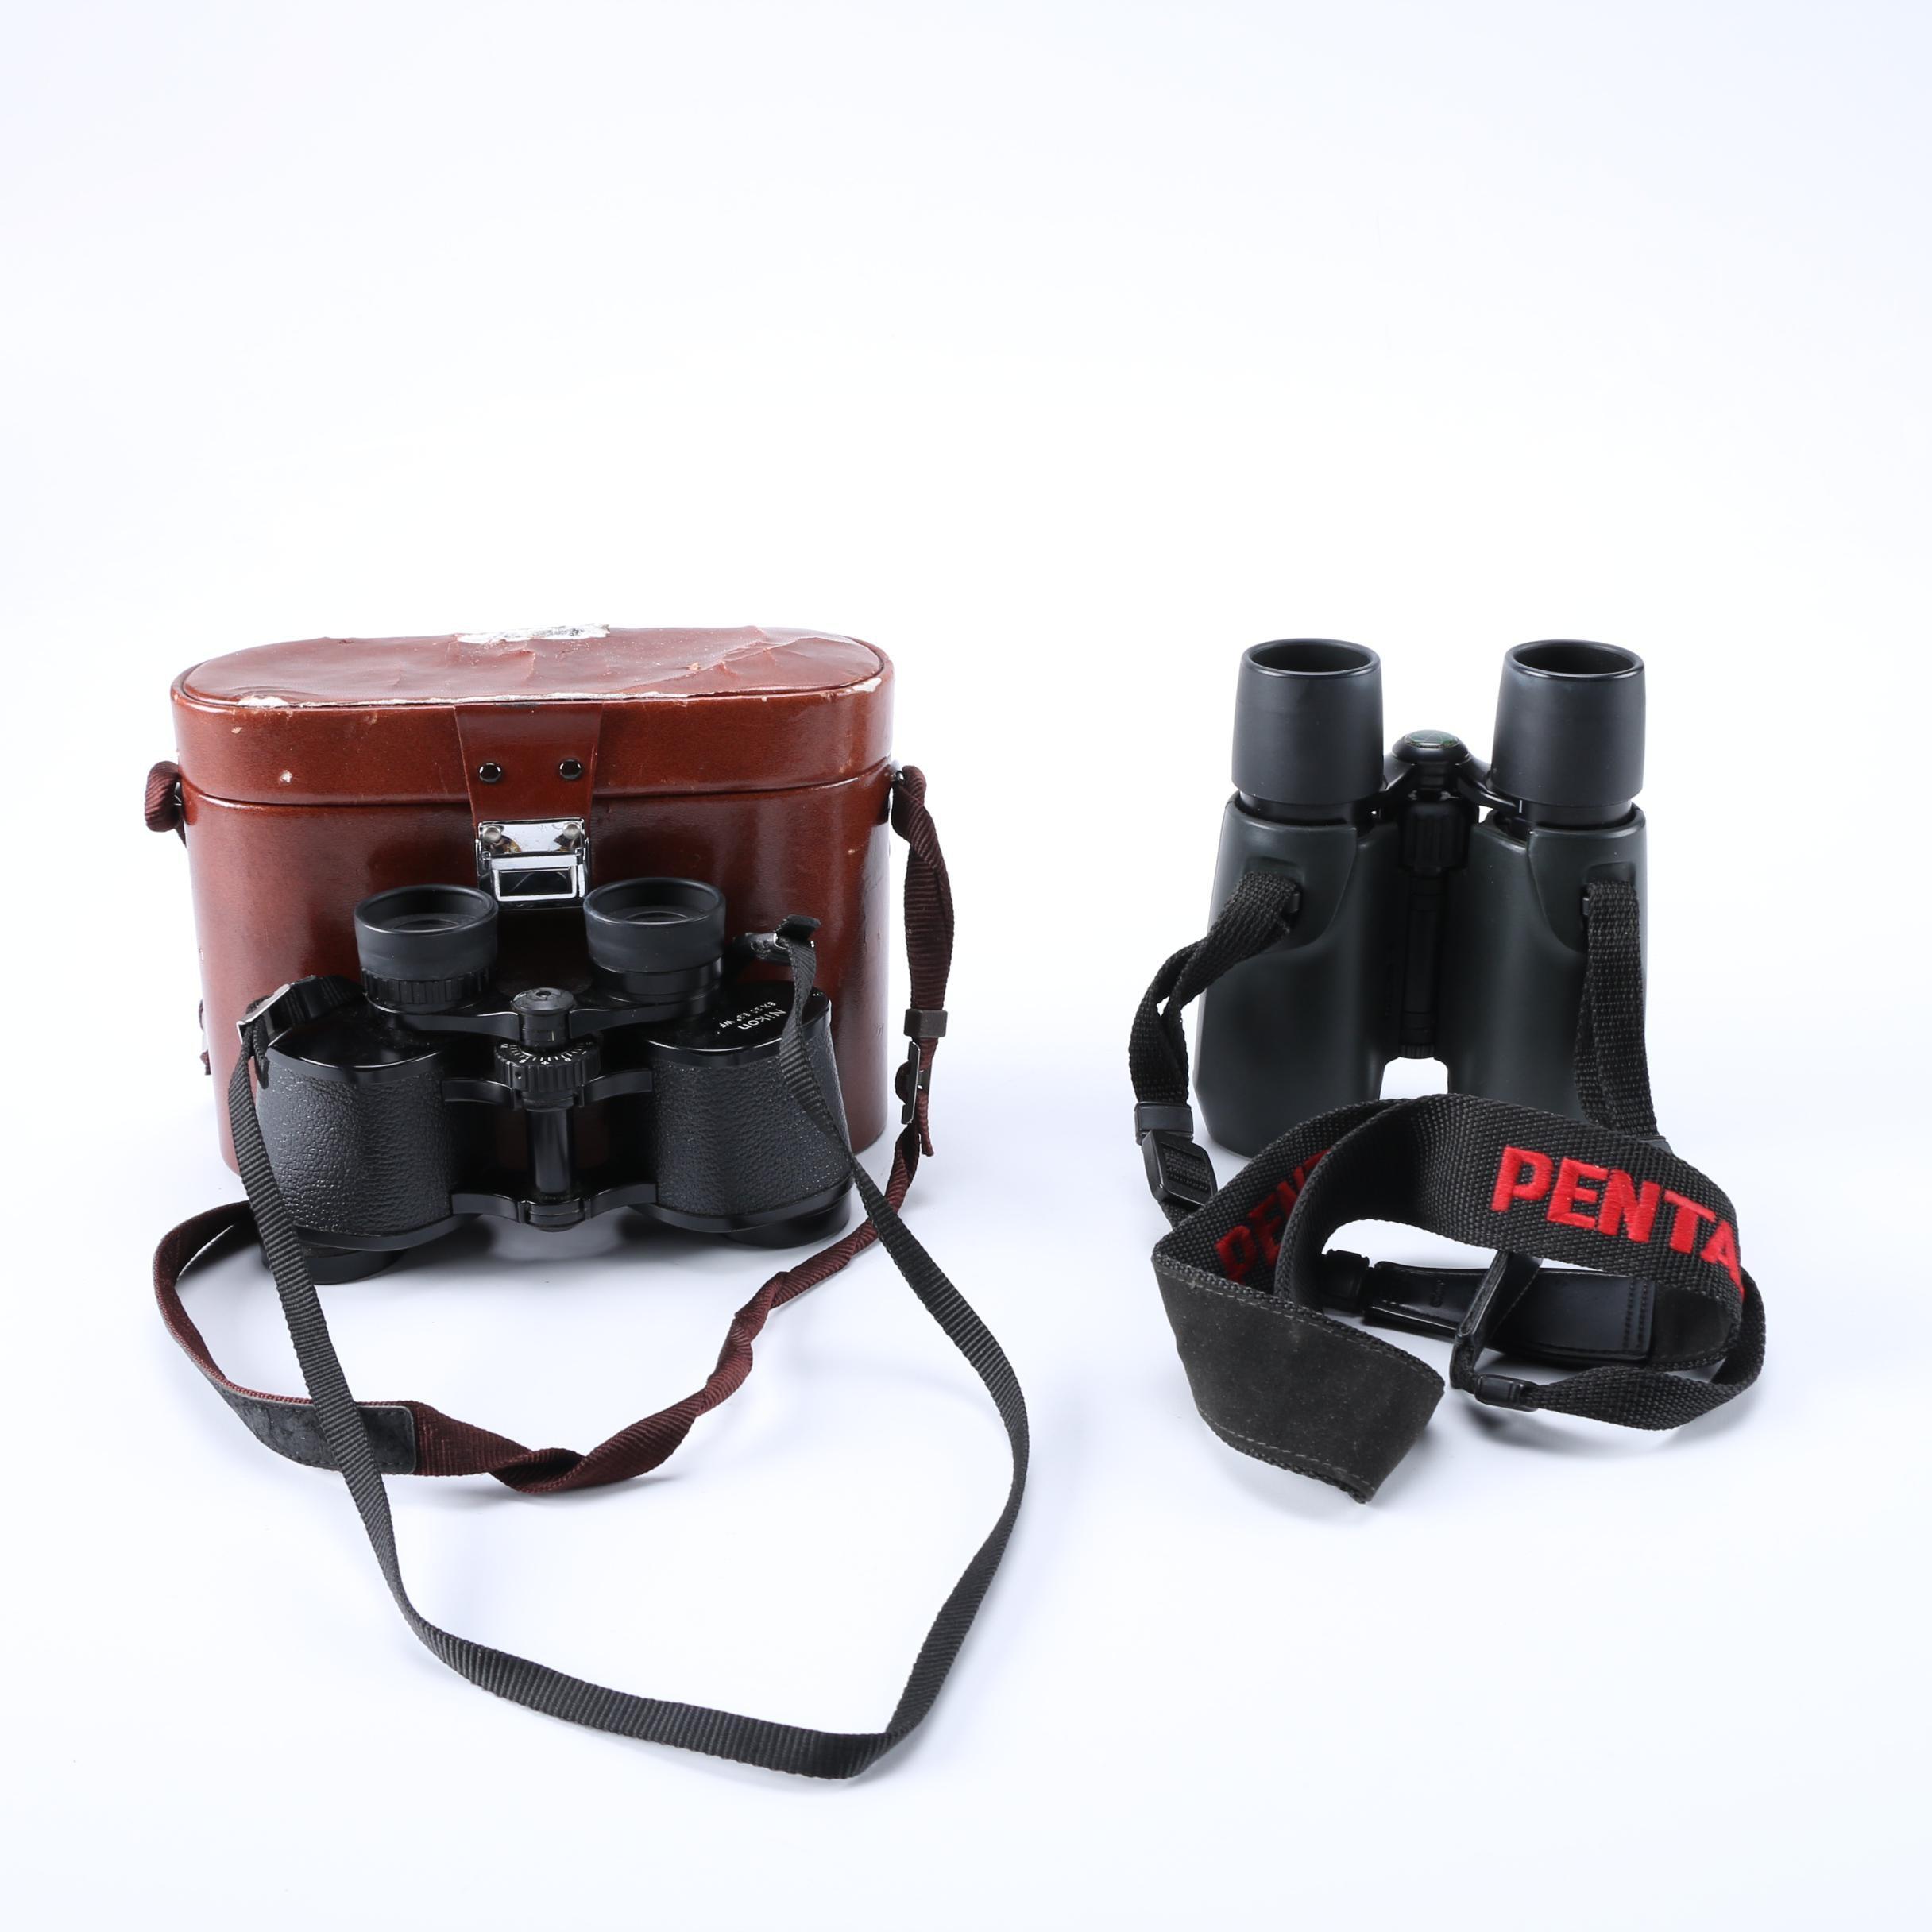 Binoculars Featuring Canon and Nikon